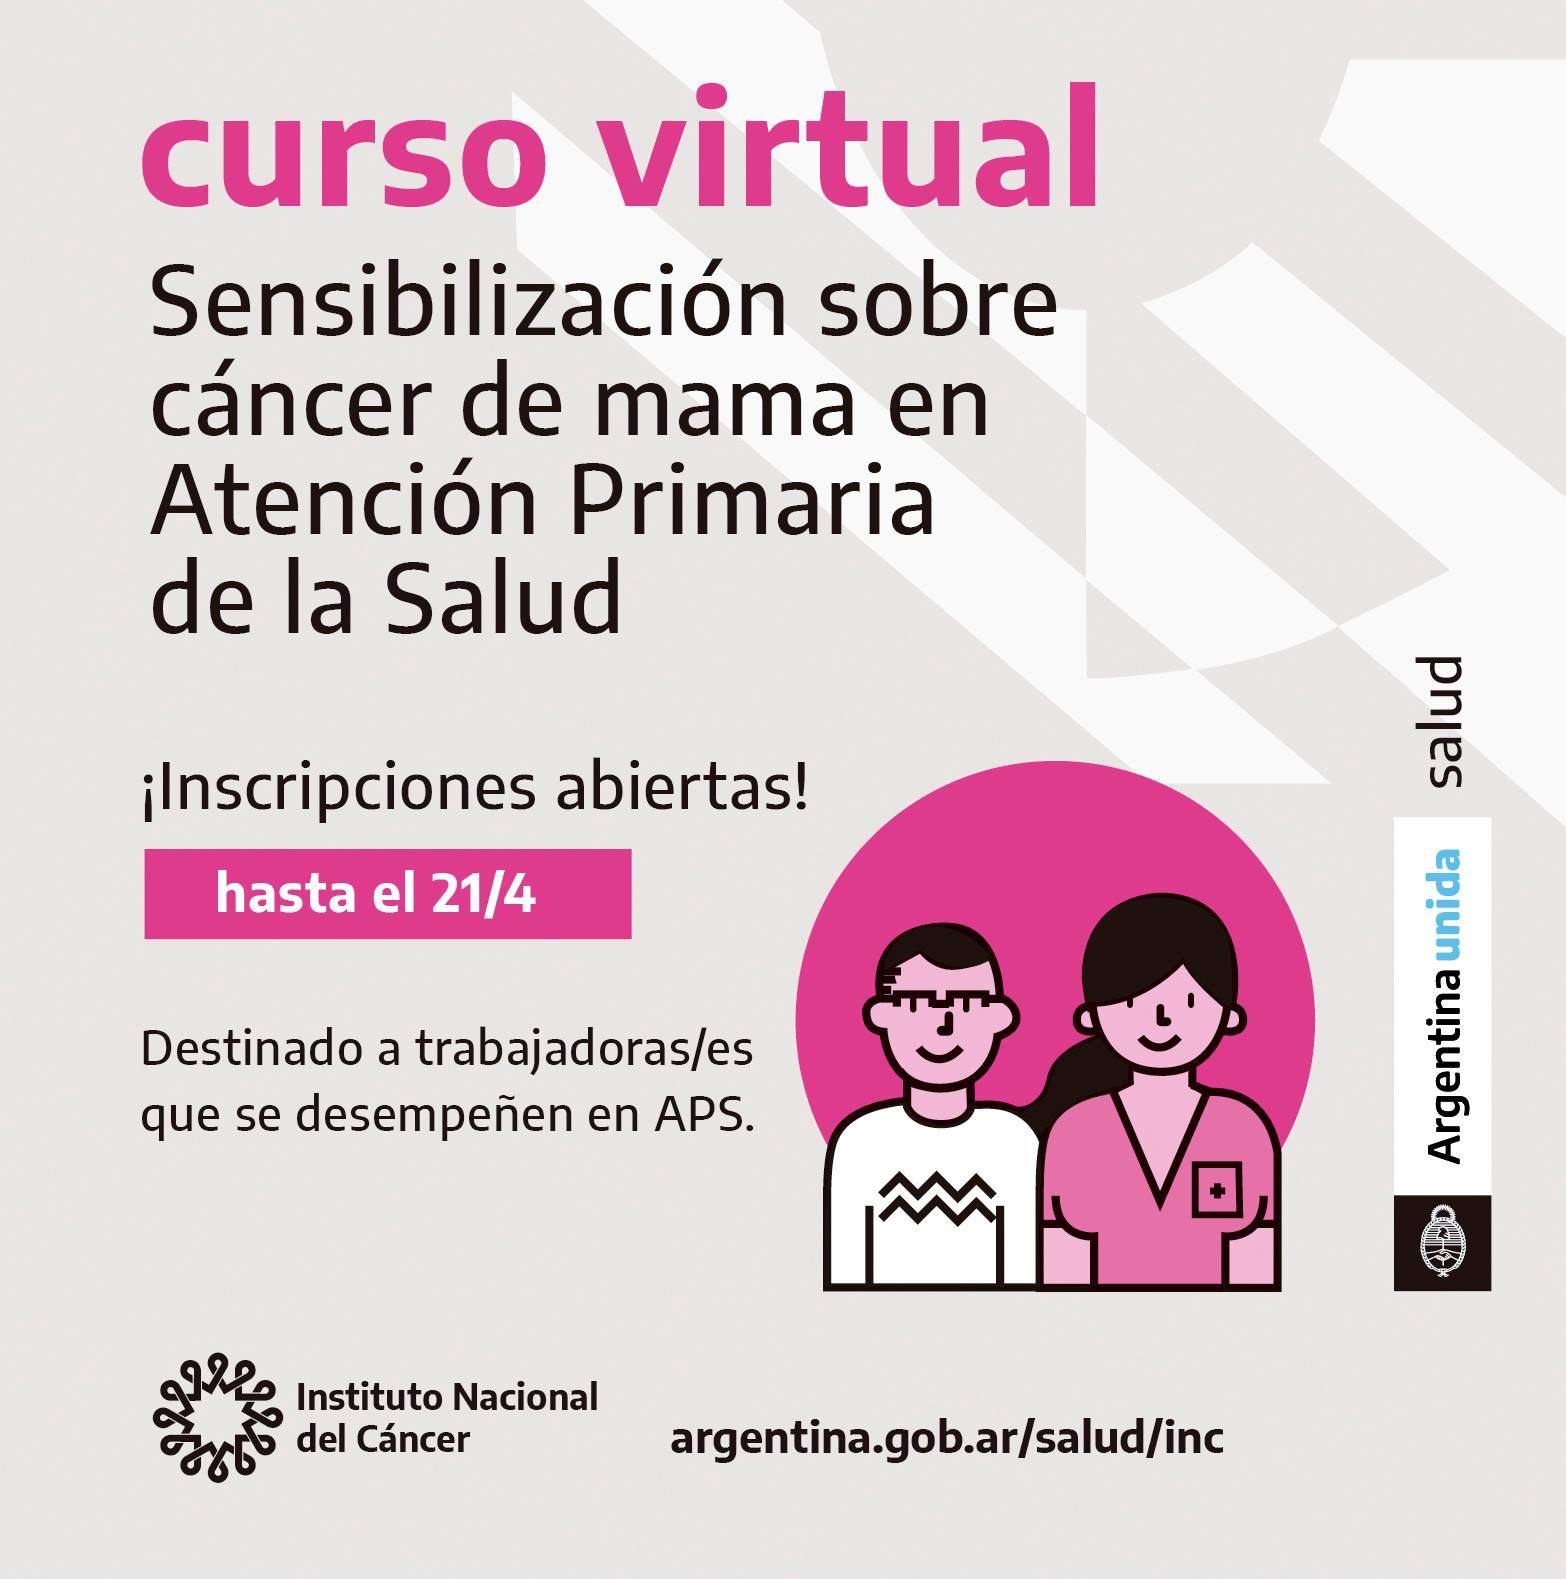 Curso Virtual: Sensibilización sobre Cáncer de Mama en Atención Primaria de la Salud